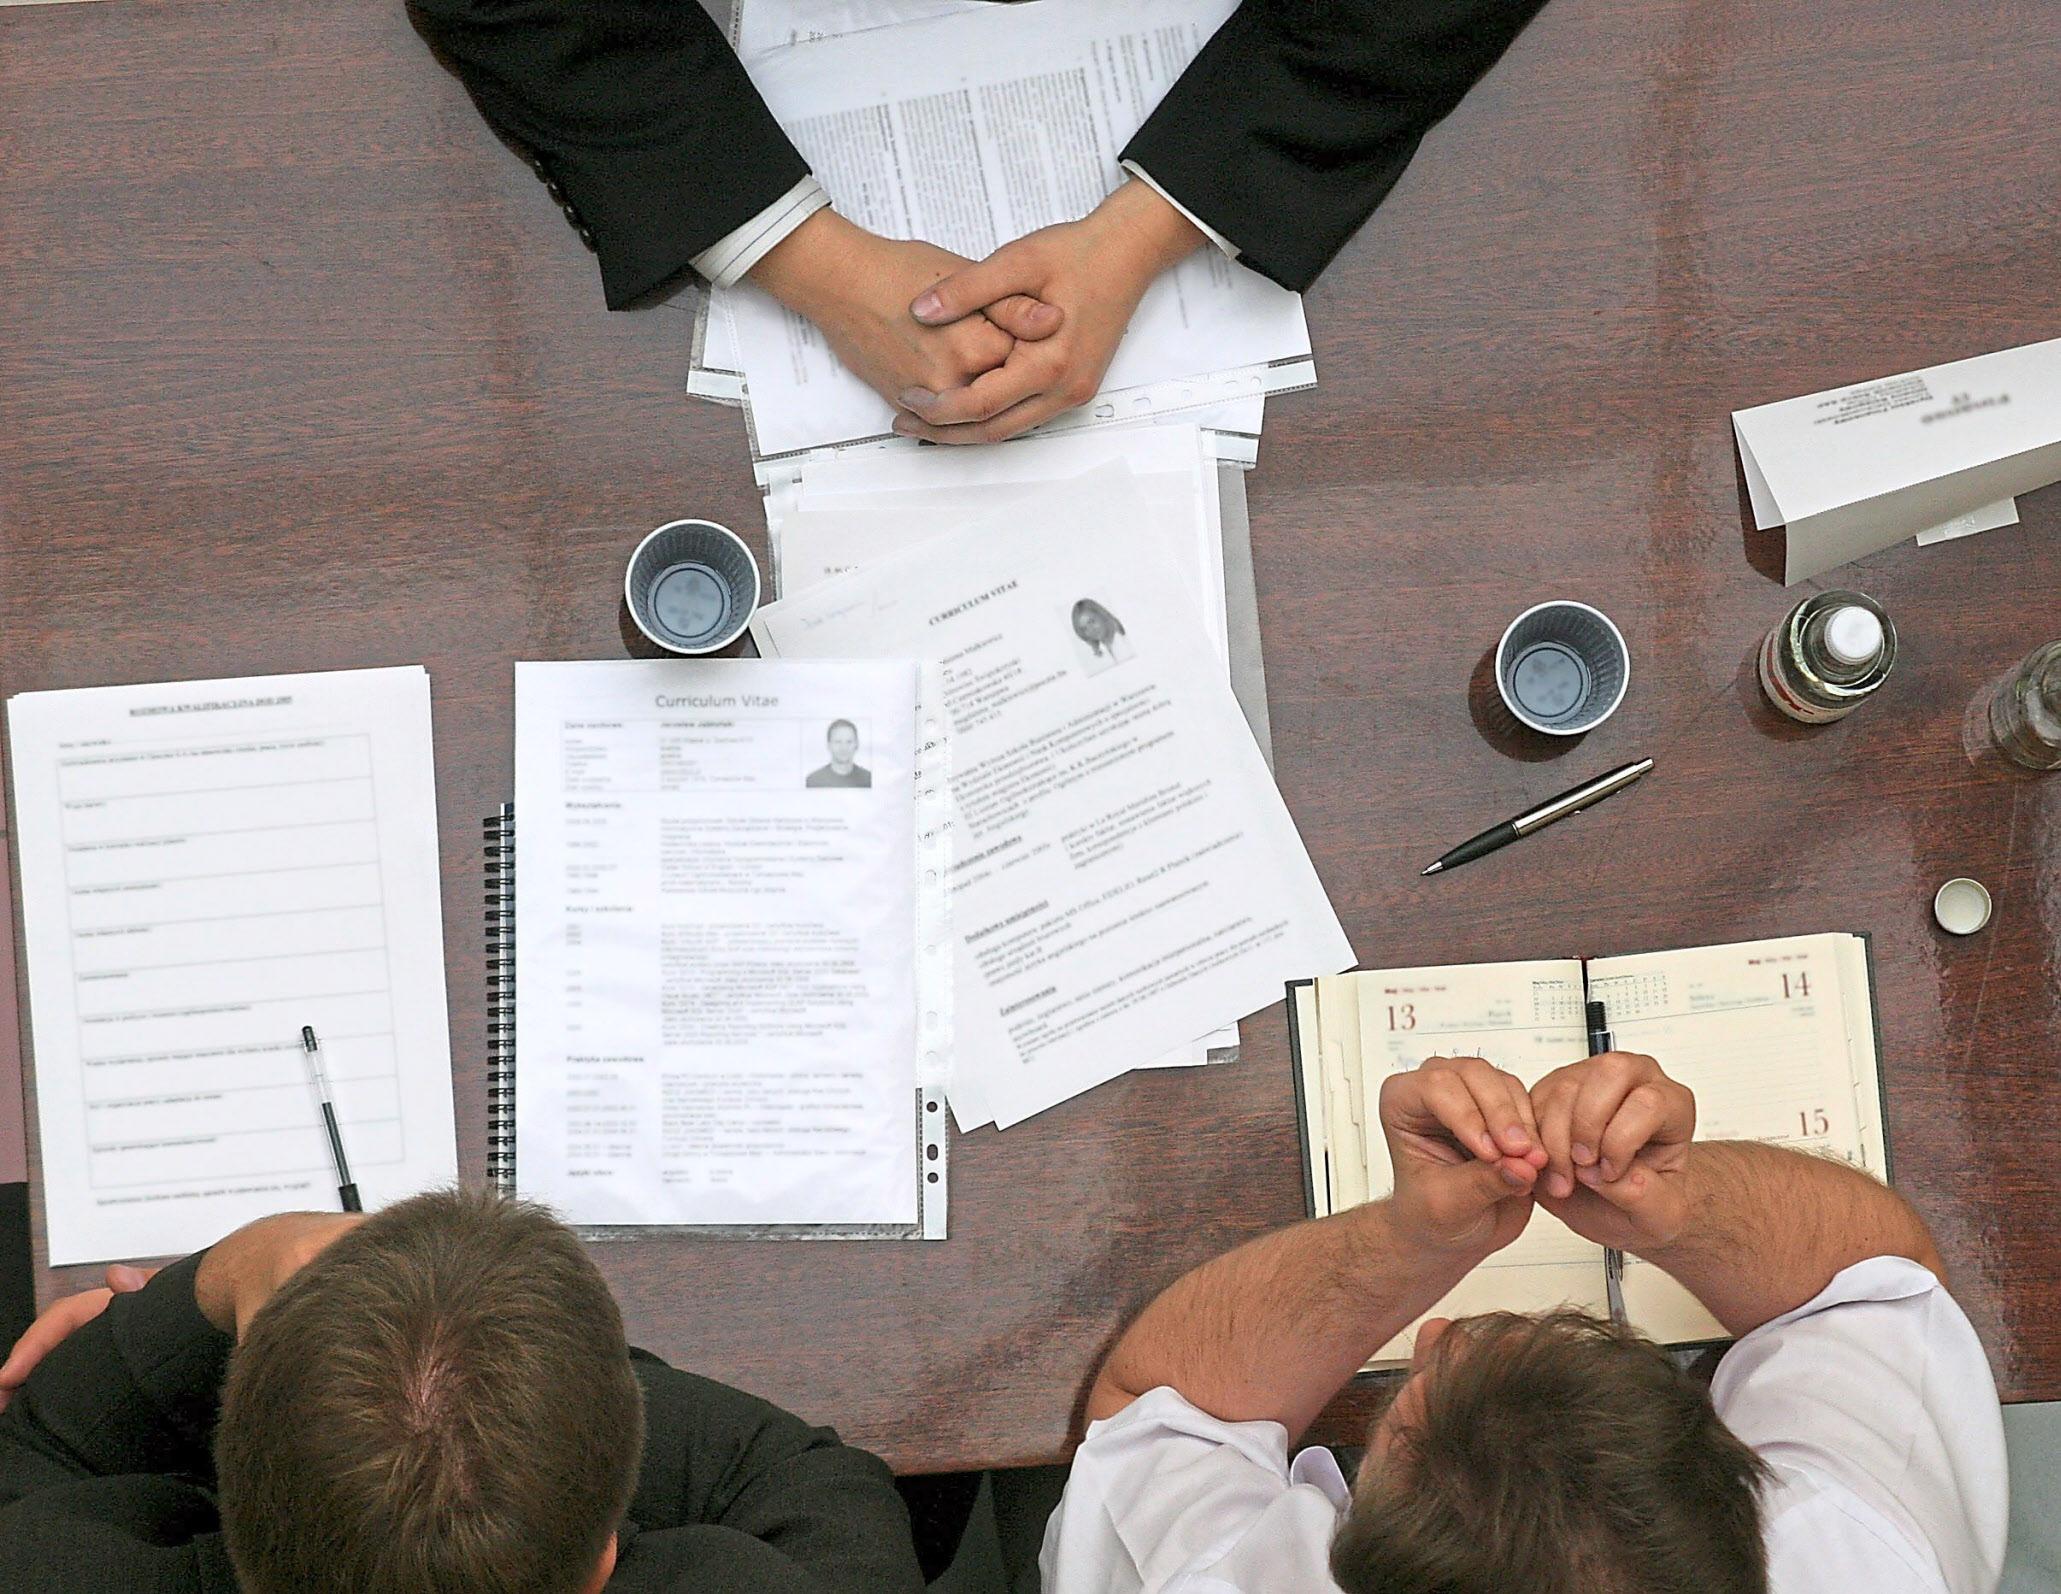 Wer sich bewirbt, sollte sich vorher gut über das Unternehmen informieren und den gewünschten Beruf informieren. Spätestens im persönlichen Gespräch trennt sich die Spreu vom Weizen. Foto: Getty Images